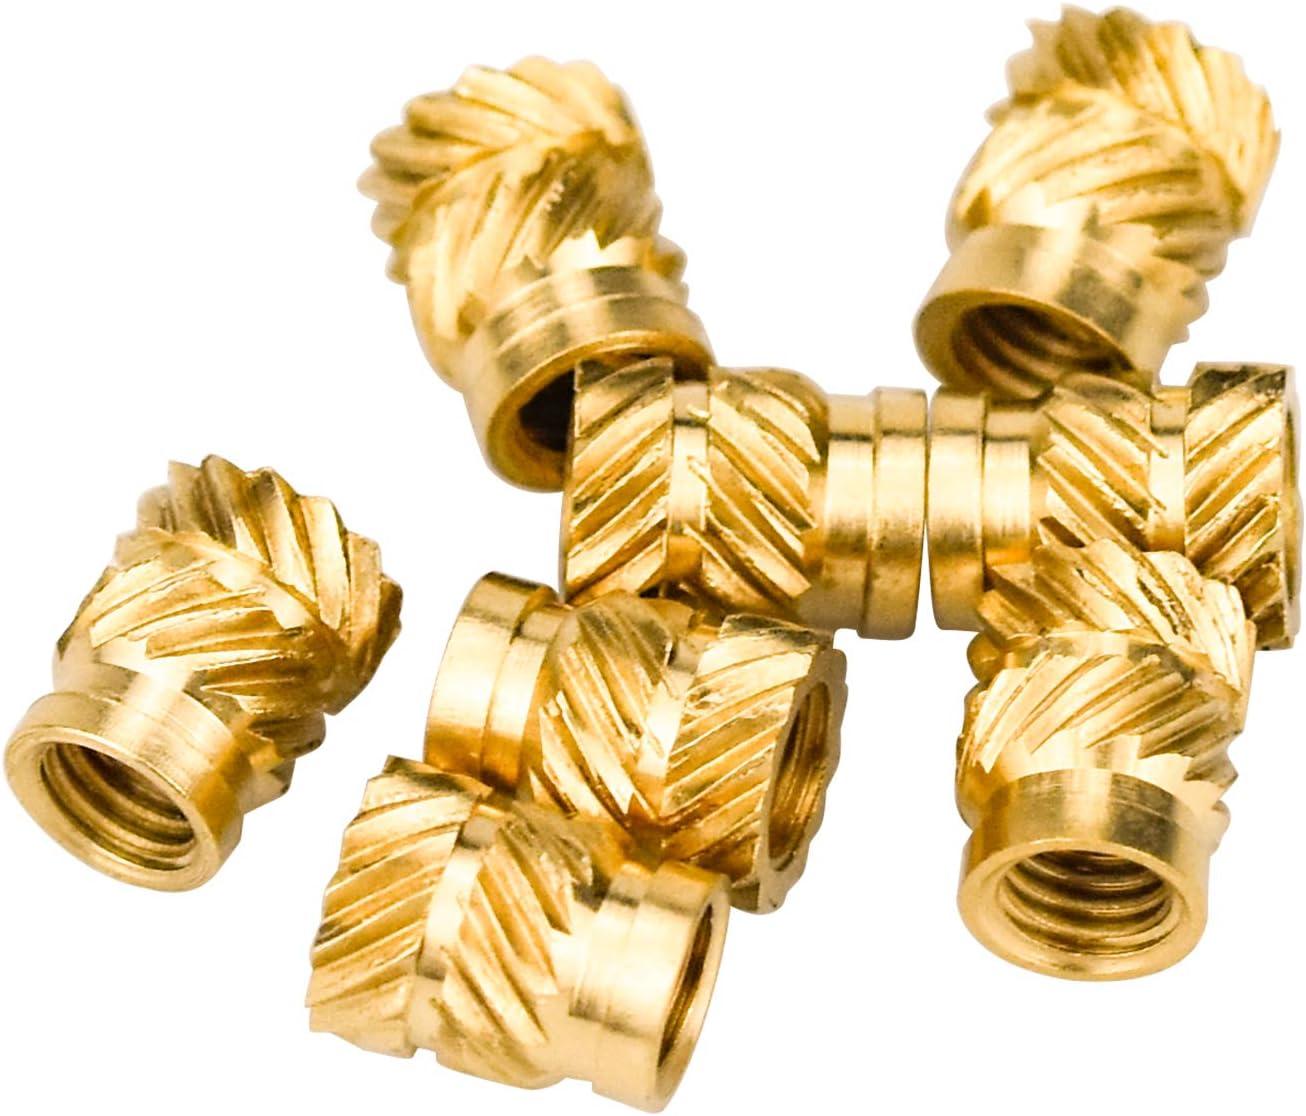 Casquillos Roscados de Lat/ón Insertos de Tuercas DESON 50pcs Tuercas M3x5.7mm